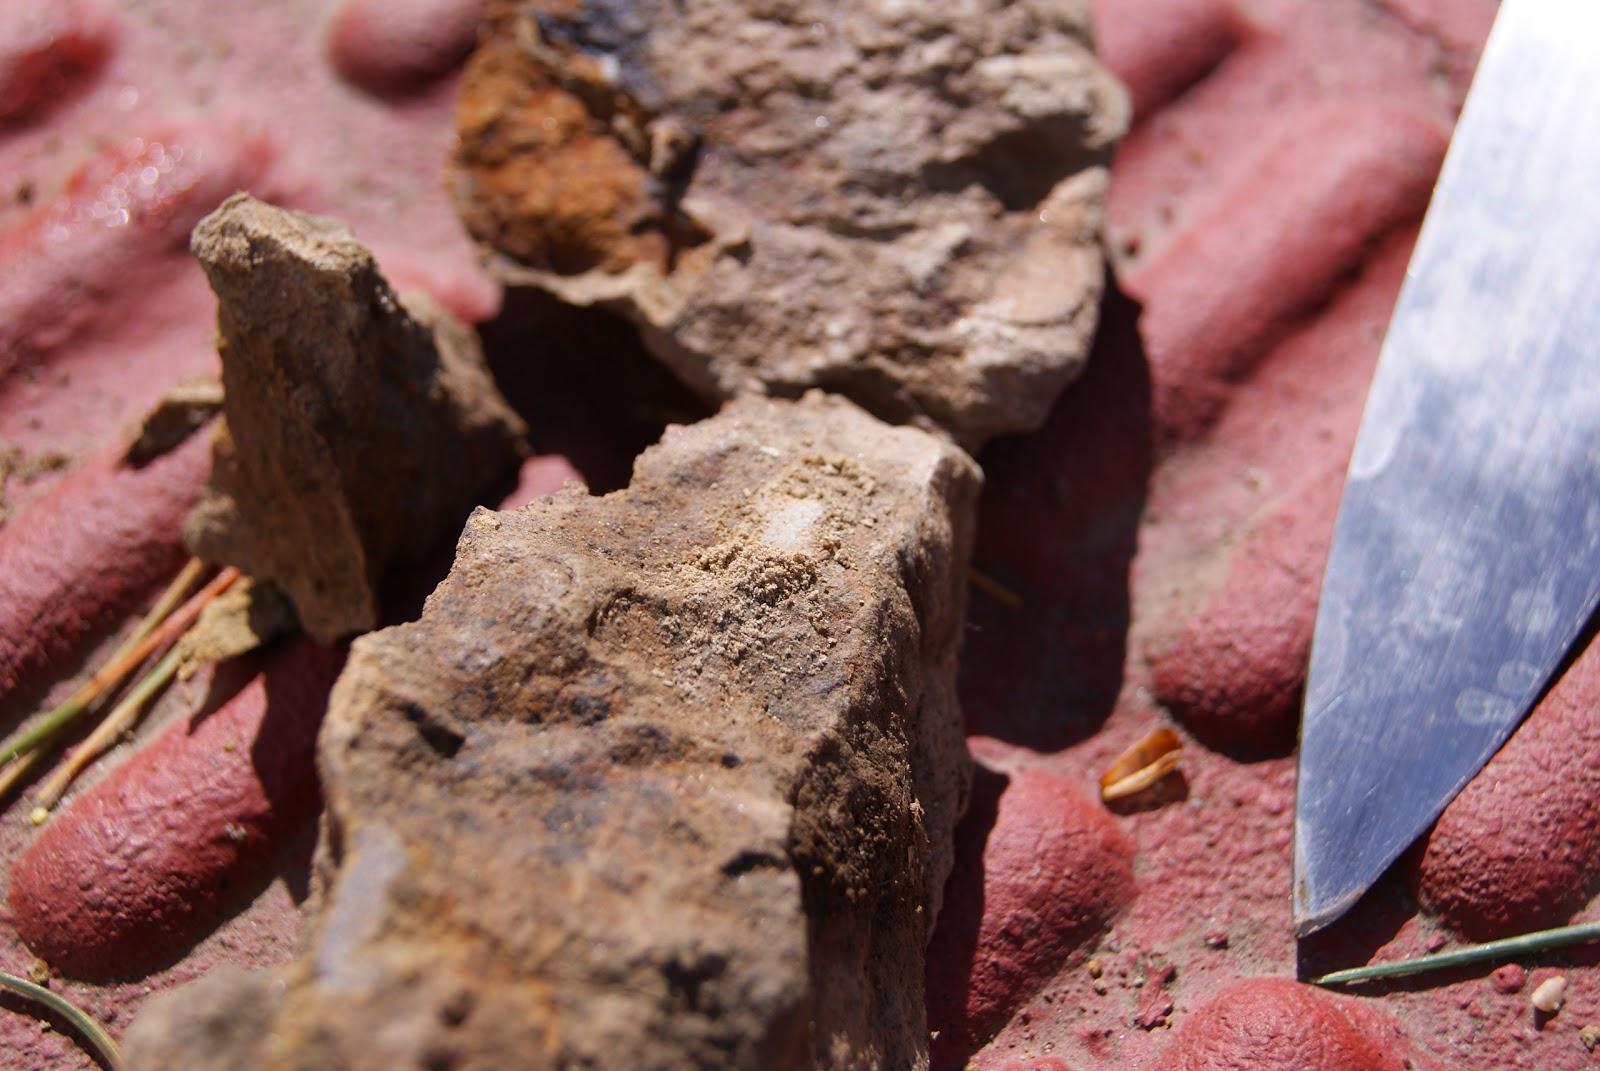 Para saber la dureza de las rocas las rallaremos con la uña o con un cuchillo de acero